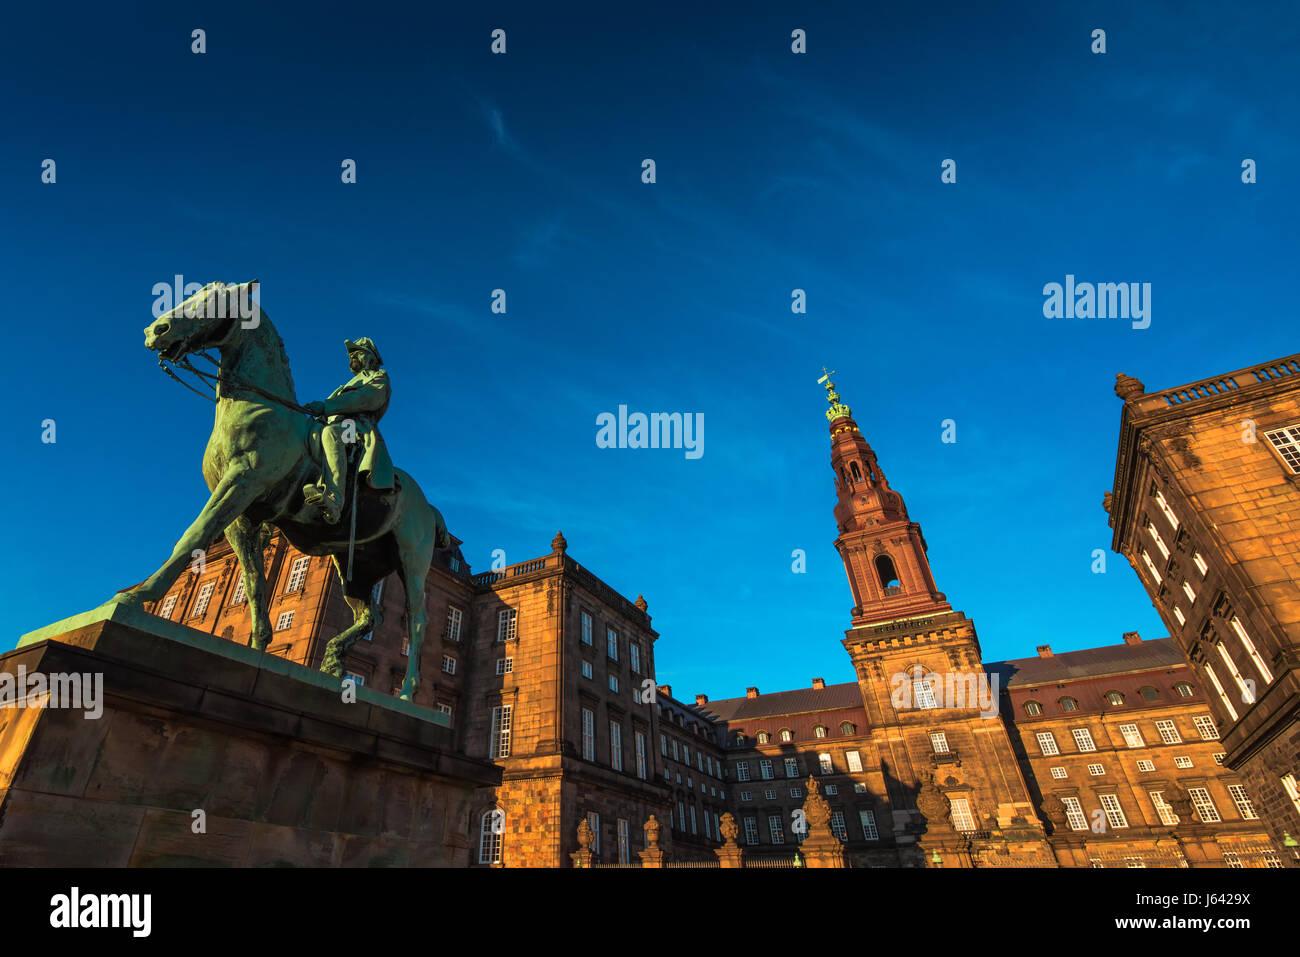 Statua equestre di re Cristiano ix Copenhagen Danimarca all'interno del parlamento danese Palazzo Christiansborg Immagini Stock